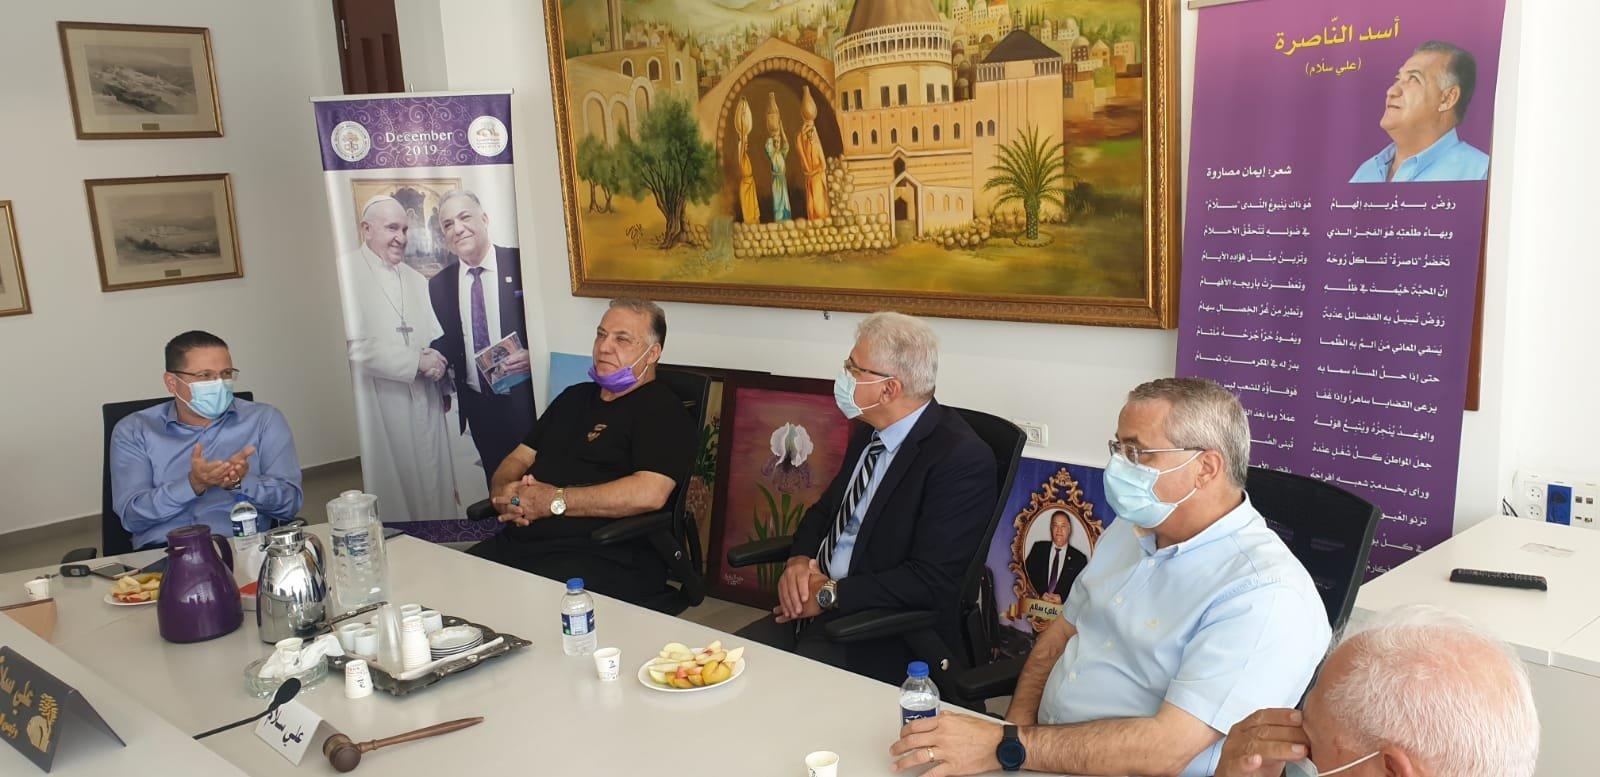 انطلاق مشروع المدارس الآمنة من الكورونا في الناصرة-0